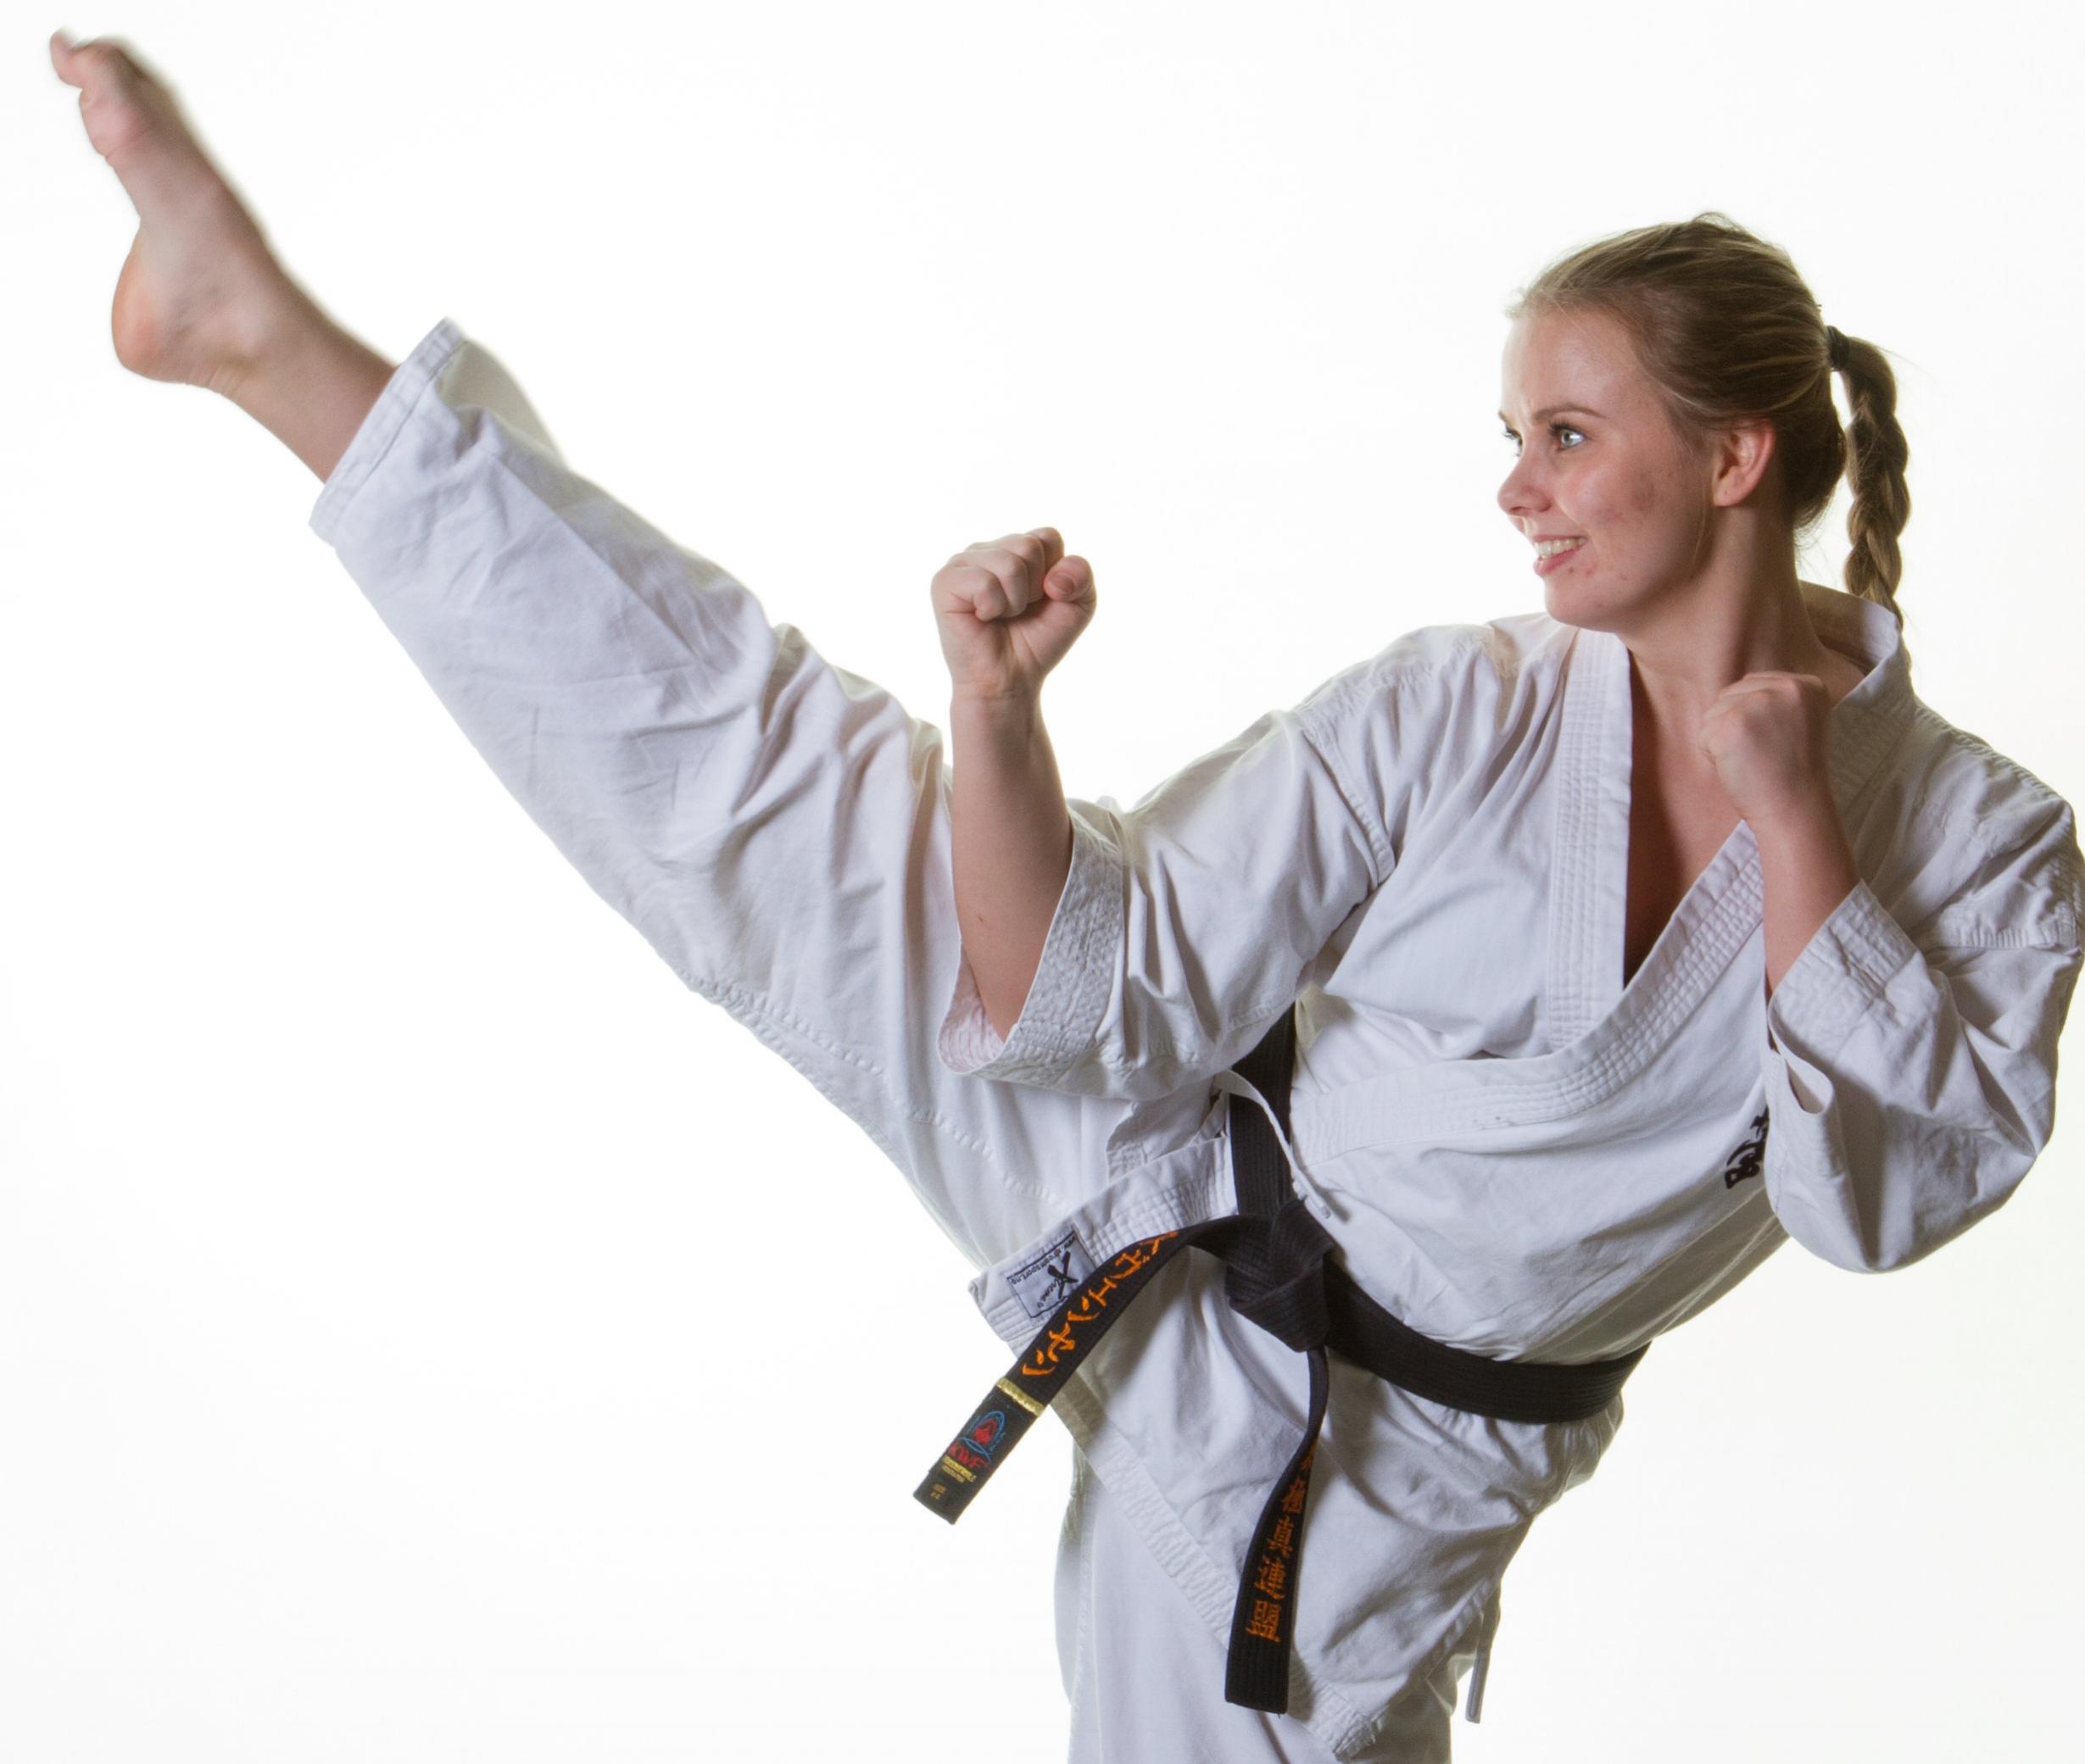 Starte med karate? - Karate er en kampkunst hvor selvforsvar og mosjon er i fokus. I Gandsfjord Karateklubb har vi medlemmer fra 5 år og helt opp t.o.m 70 år. Karate er for alle i enhver aldersgruppe. Ta turen innom og få to gratis prøveuker!